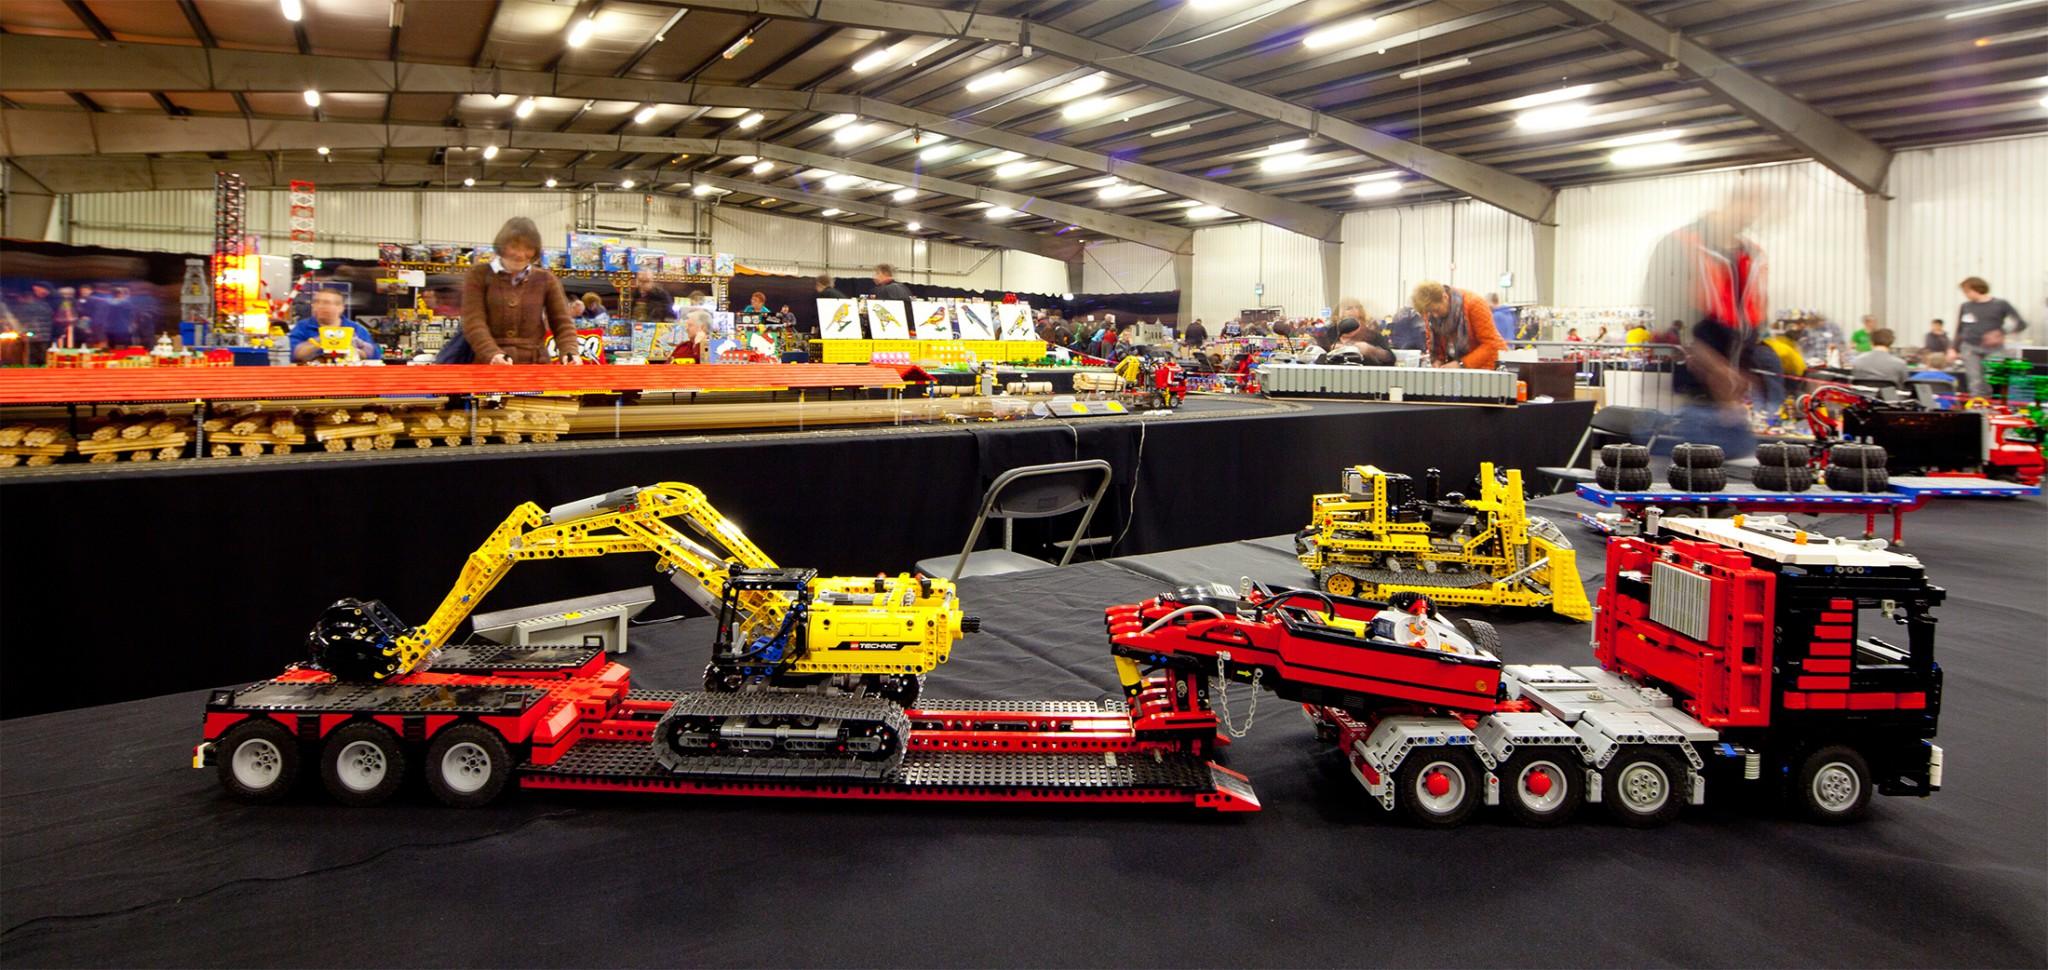 modelbouwshow-lego-zeelandhallen